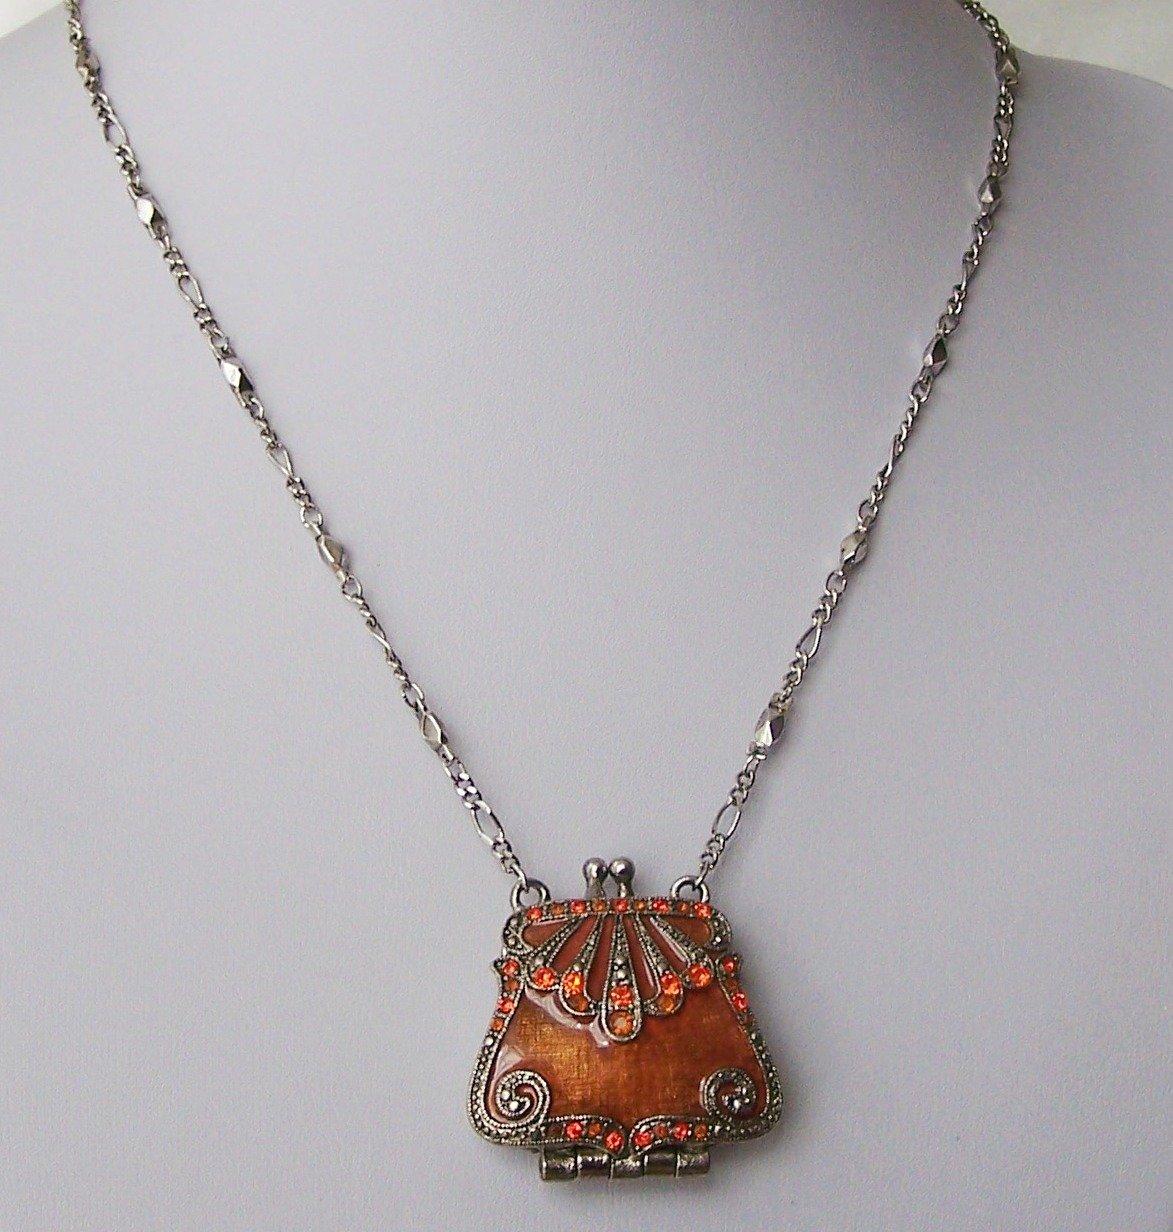 Brown Rust Rusty Orange Handbag Purse Austrian Crystal Purse Locket Necklace